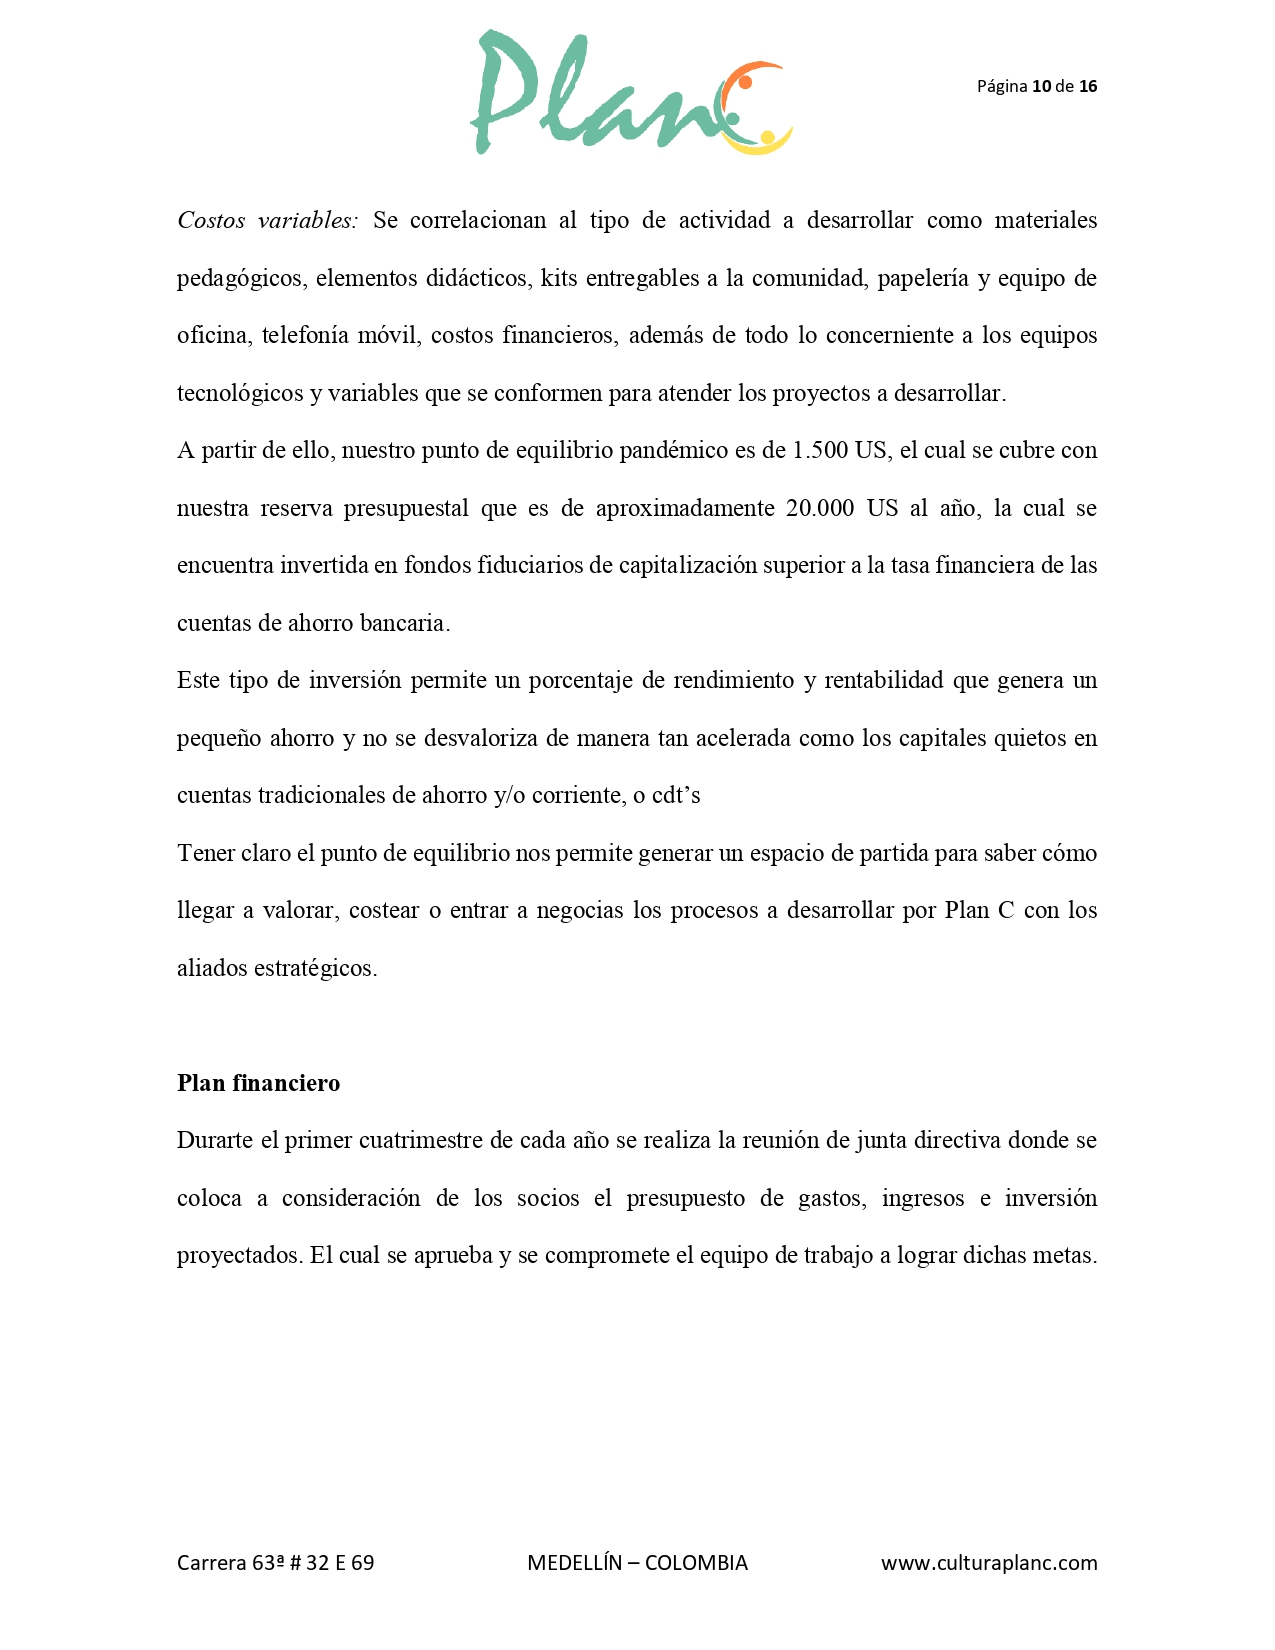 Informe de Gestión Global (1)-páginas-10